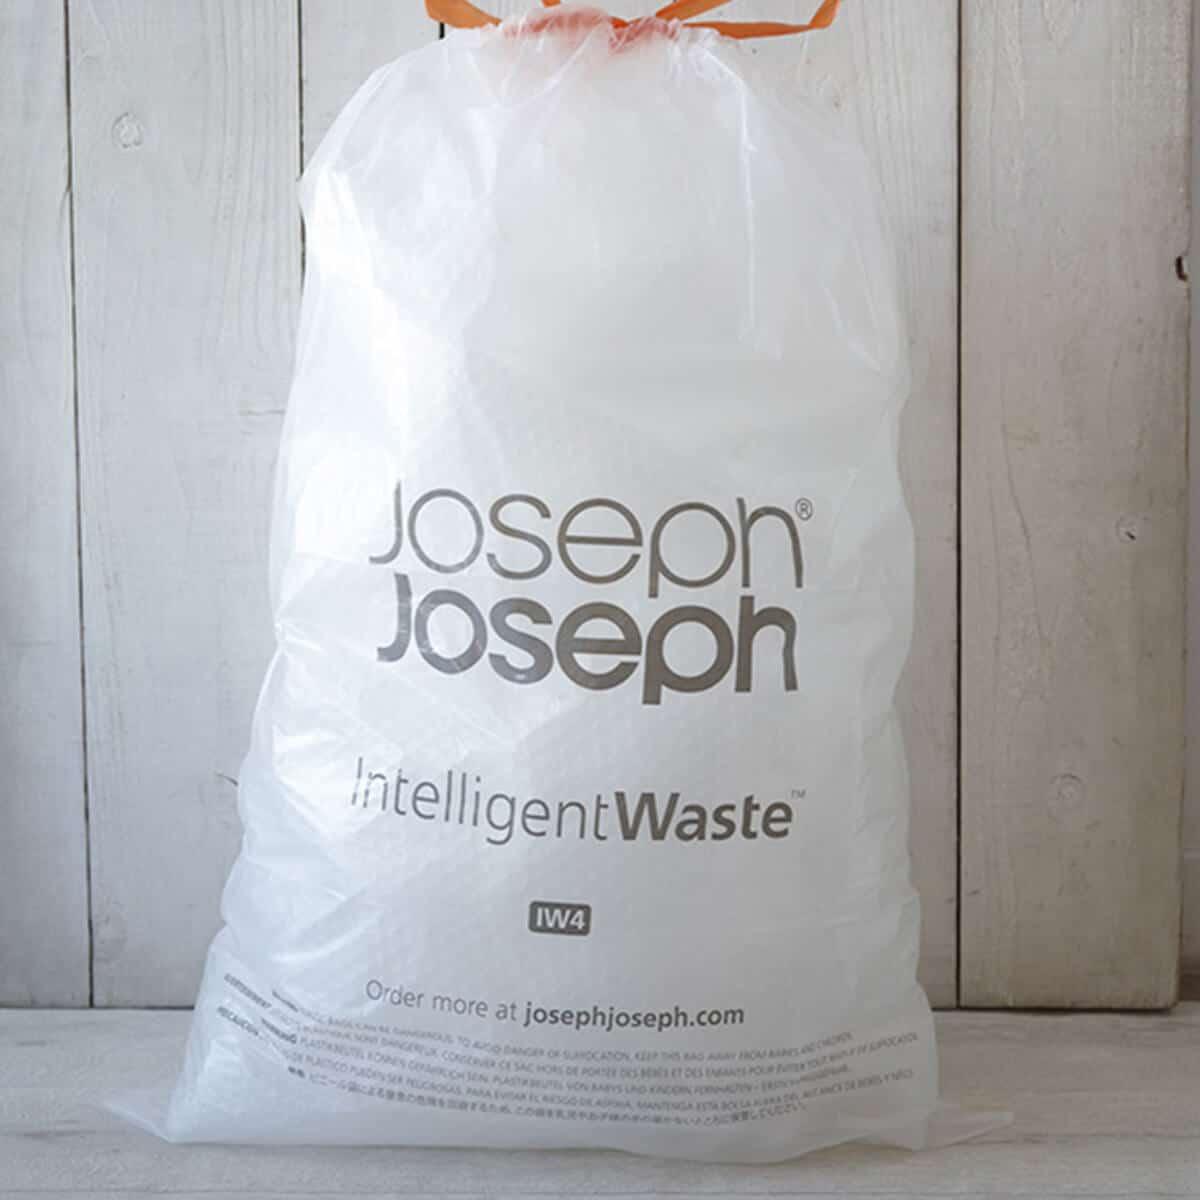 josephjoseph/ジョセフジョセフ クラッシュボックス 30L ステンレス 付属 ゴミ袋